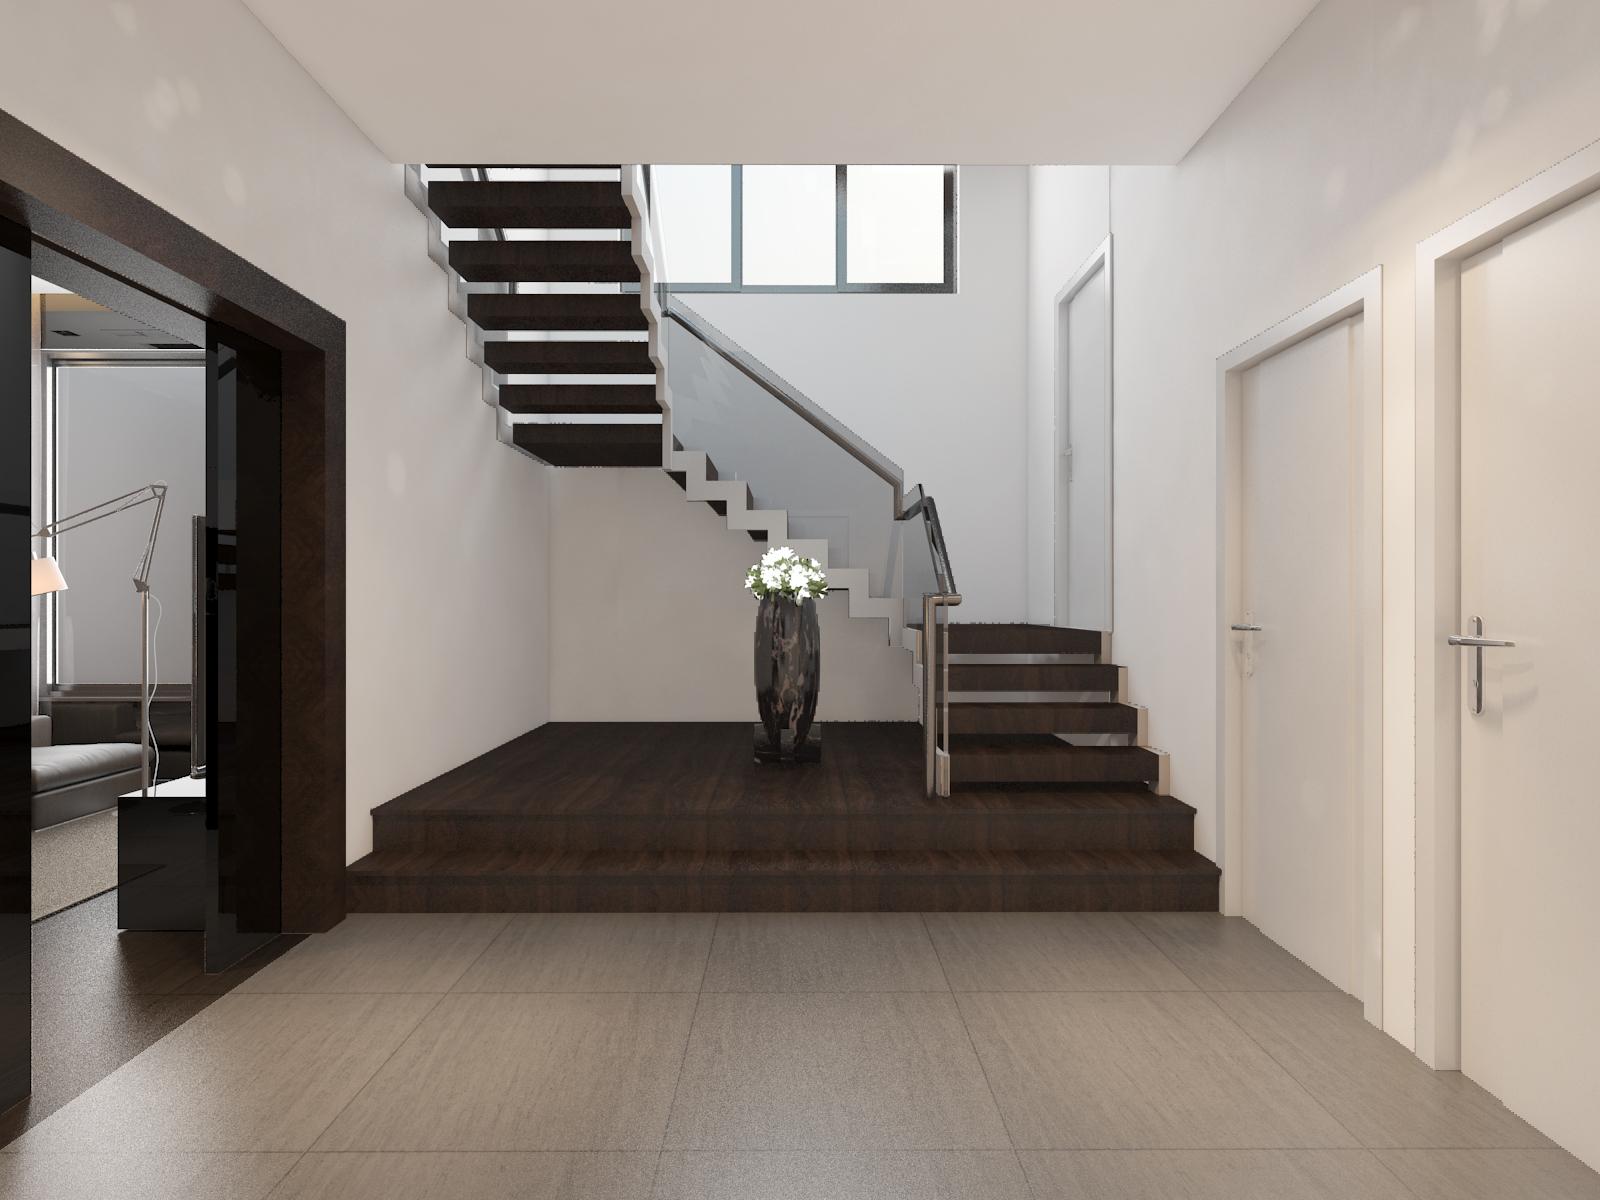 thiết kế nội thất Biệt Thự tại Hà Nội bt Vinhomes - riverside 53 1568085375